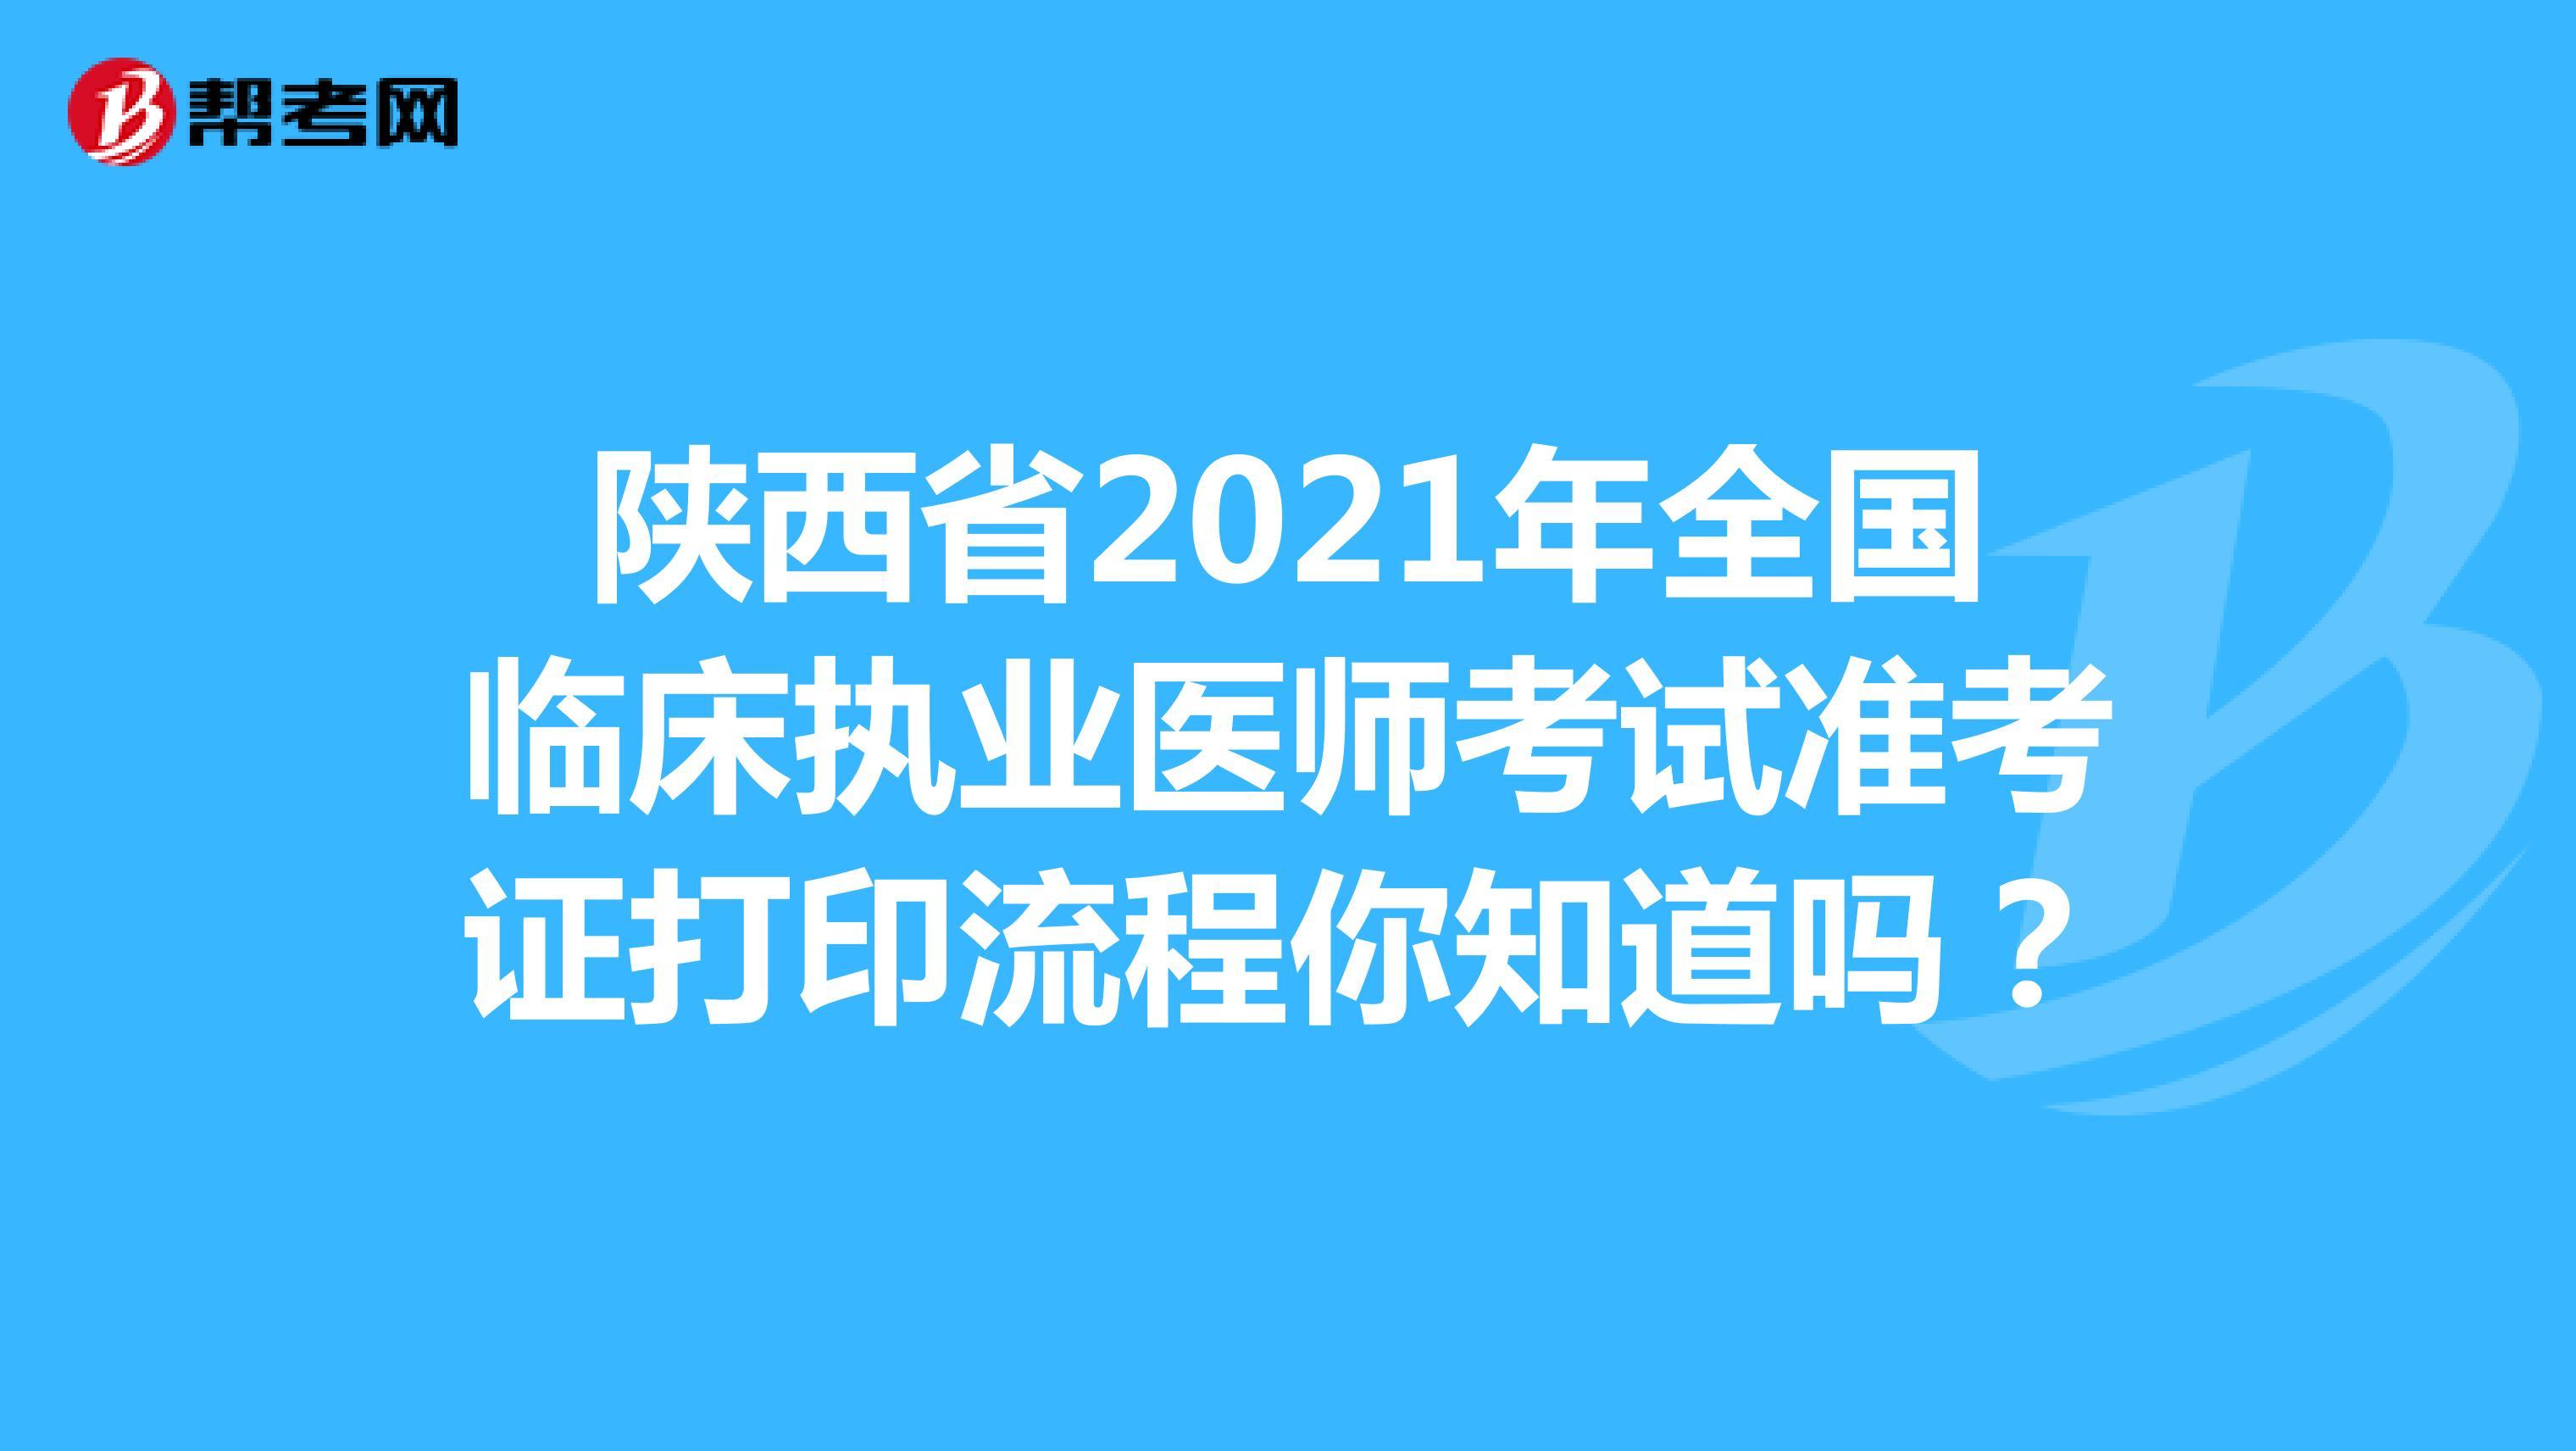 陕西省2021年全国临床执业医师考试准考证打印流程你知道吗?